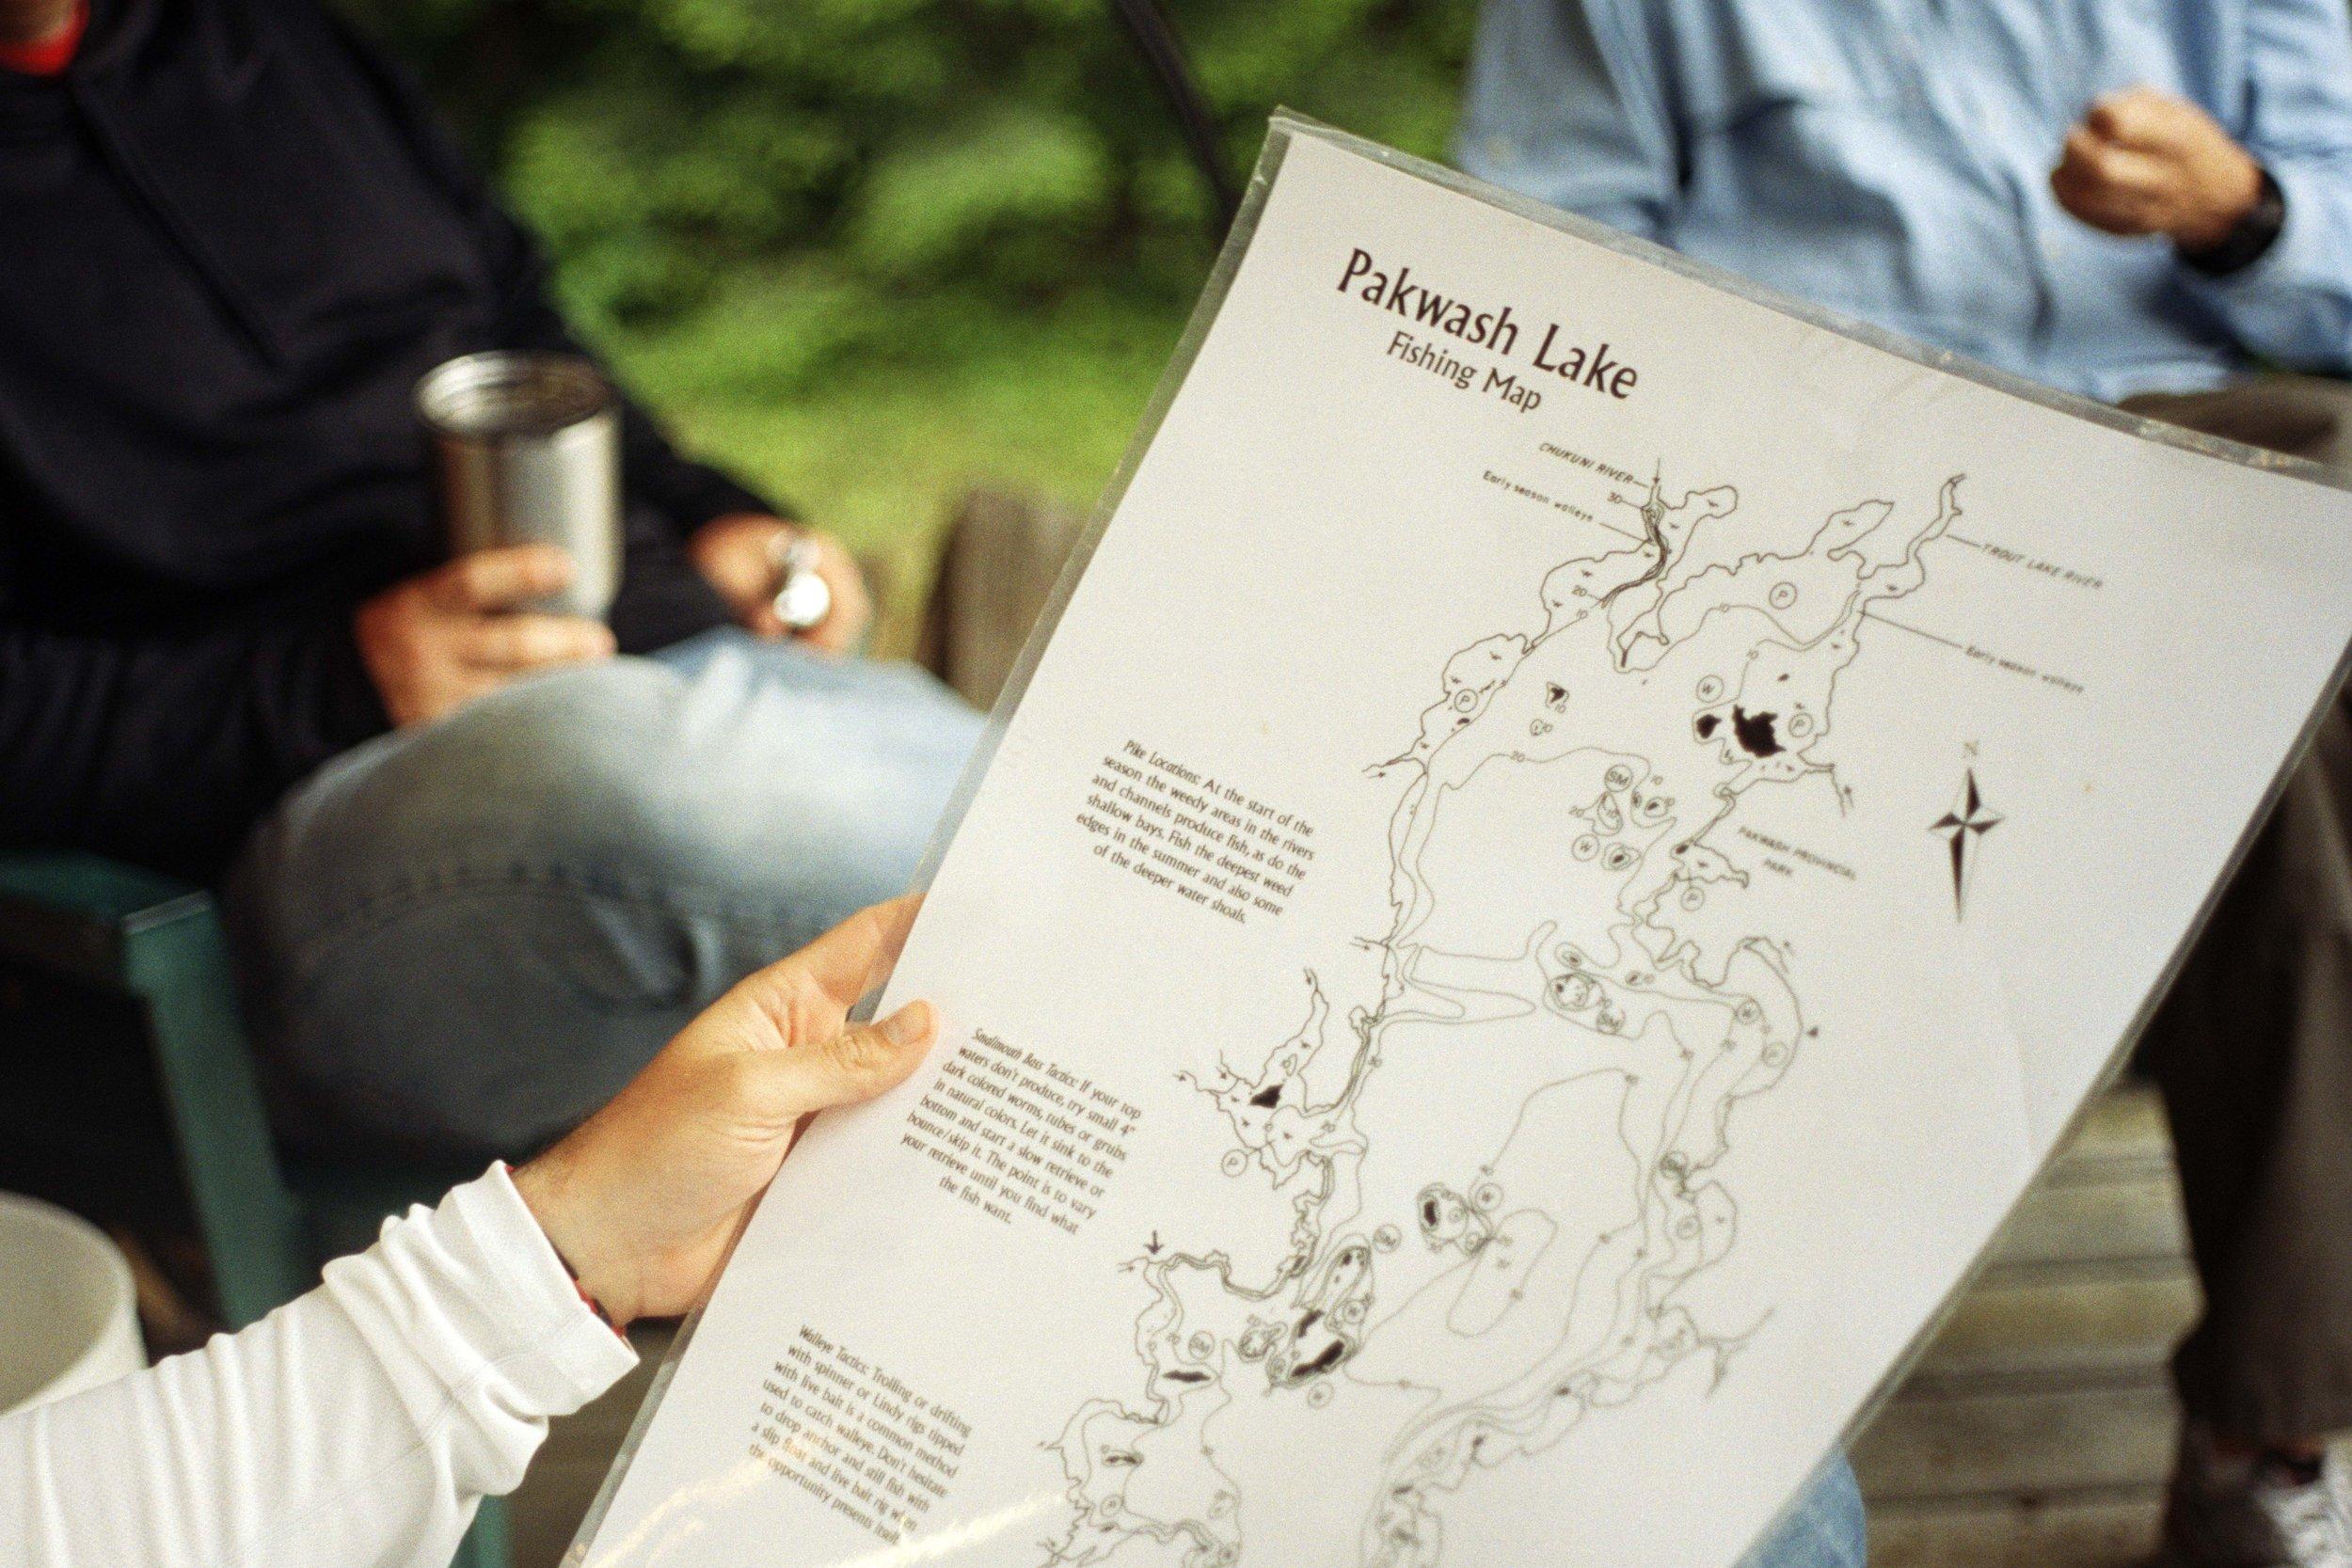 Pakwash Fishing Map, 2016